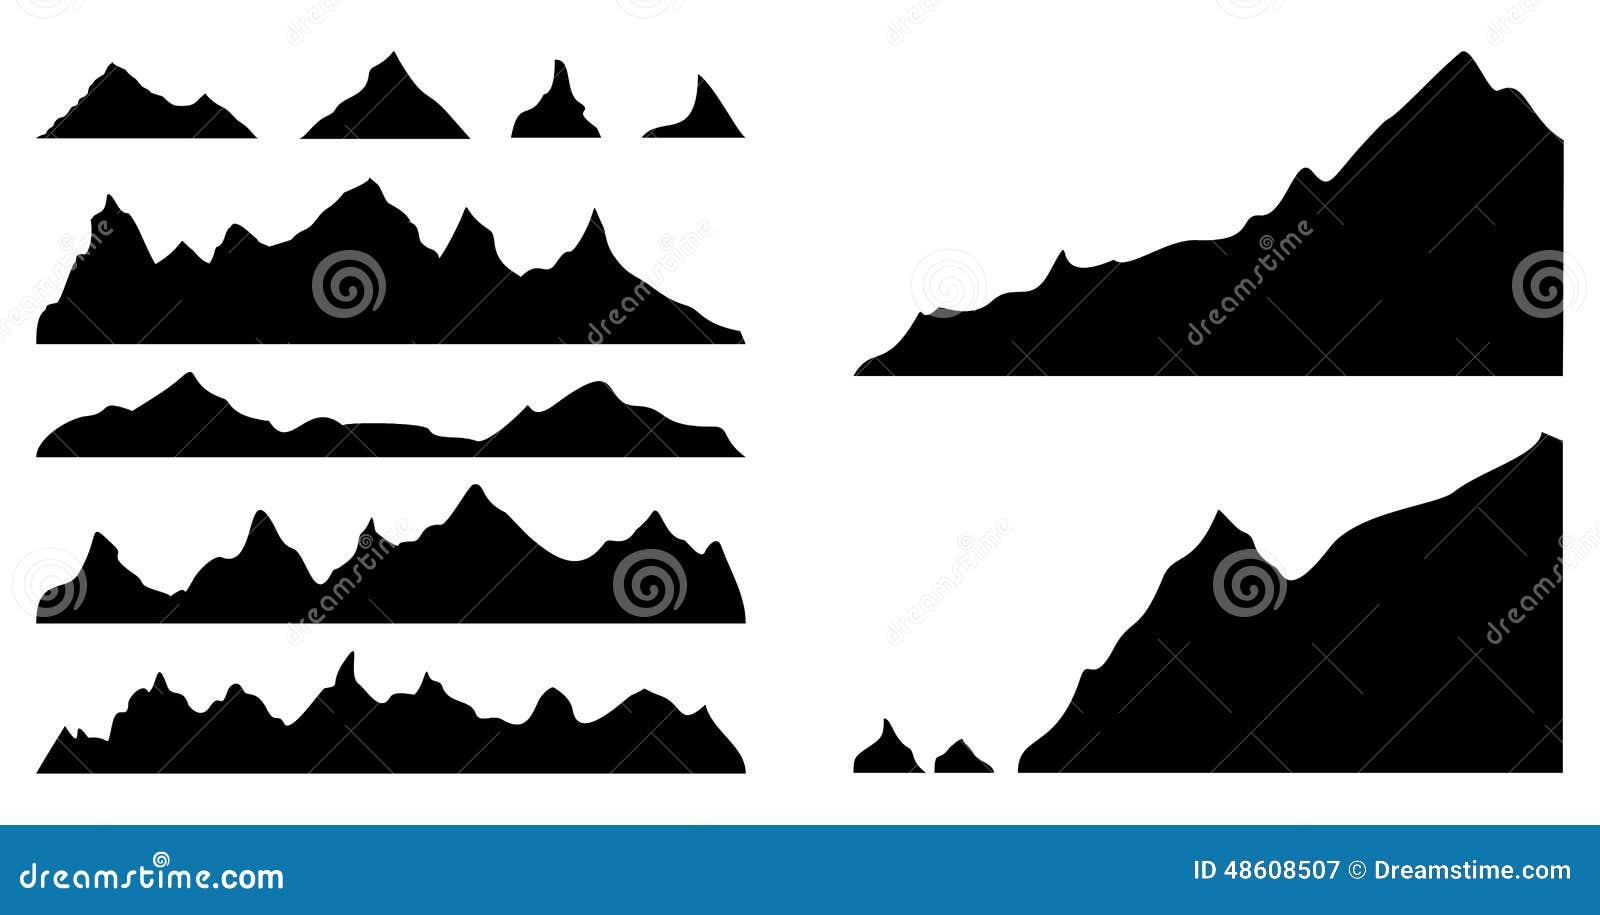 silhouettes de montagnes illustration de vecteur illustration du roche 48608507. Black Bedroom Furniture Sets. Home Design Ideas